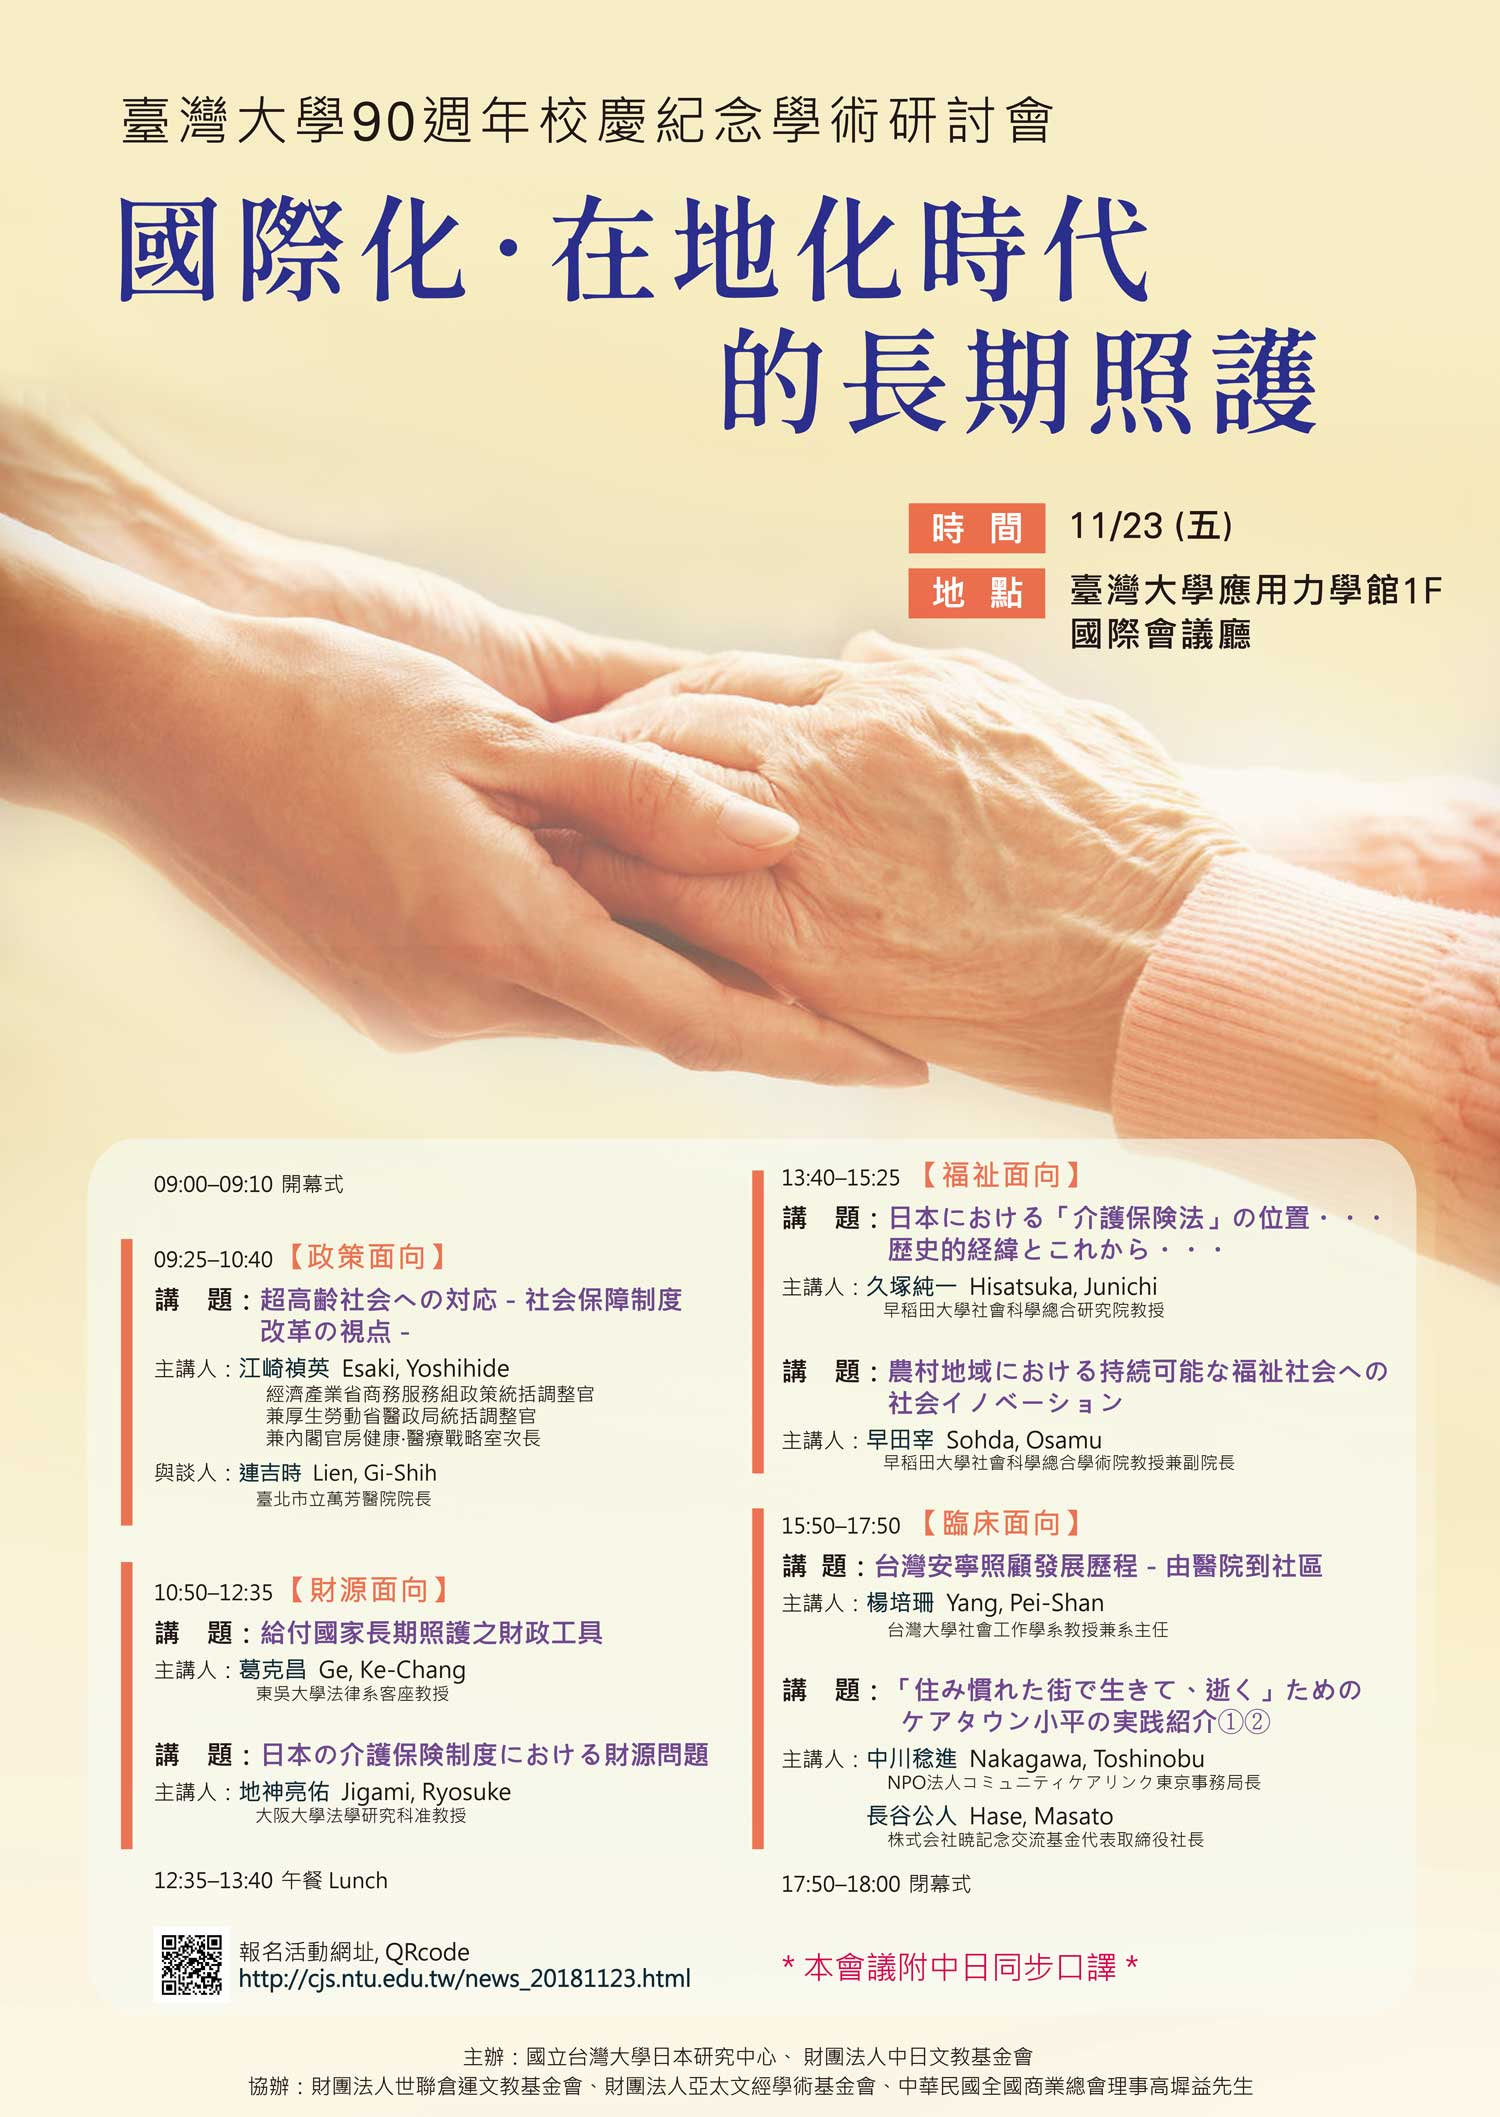 臺灣大學90週年校慶紀念國際研討會「國際化.在地化時代的長期照護」